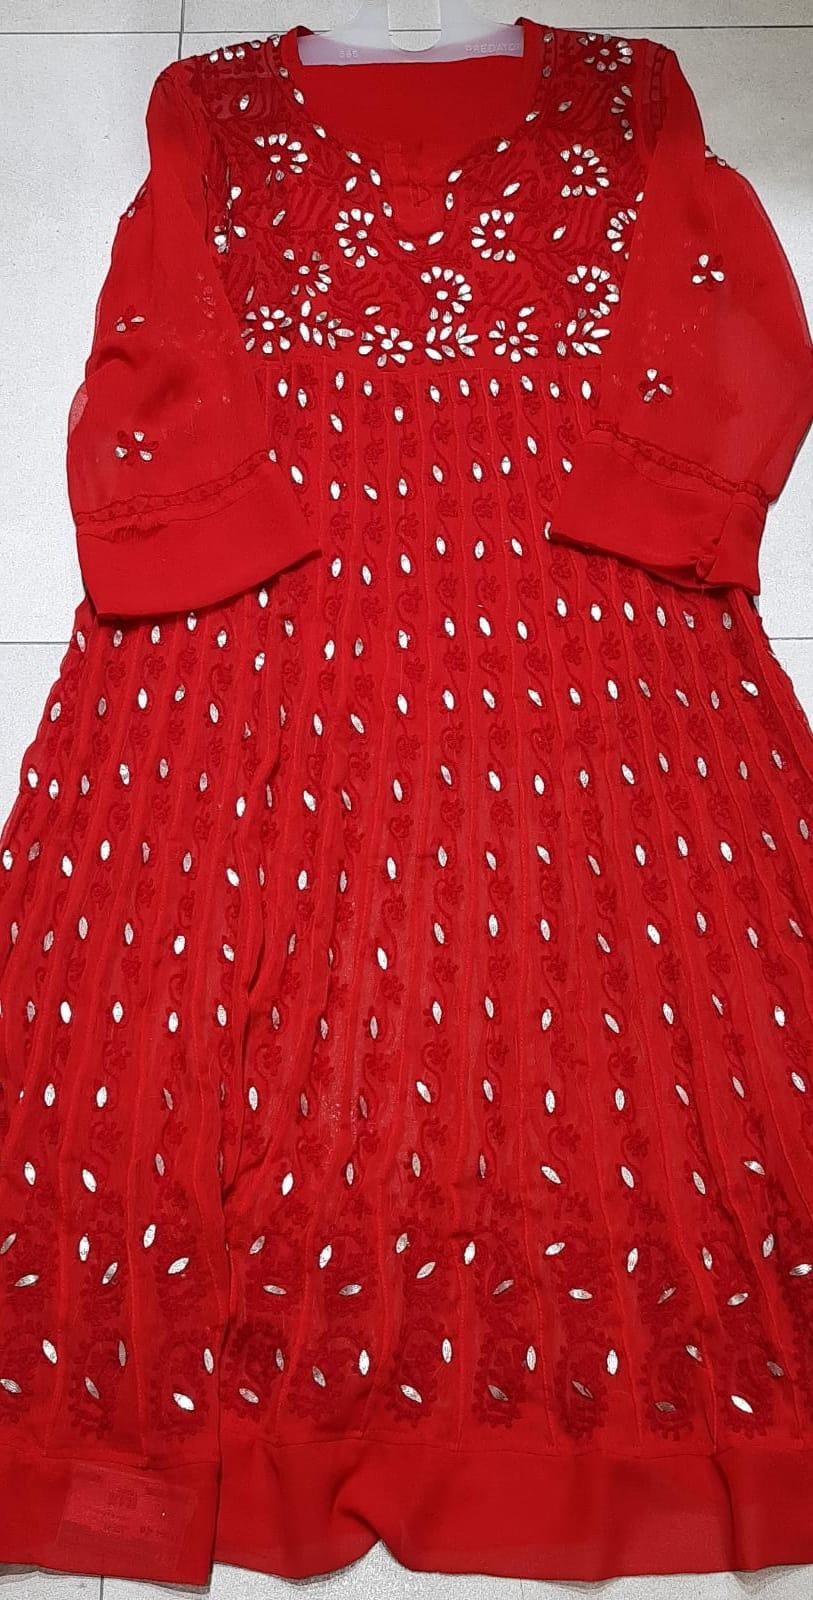 1604956 $72.00 Red Partywear Long dress size L, XL